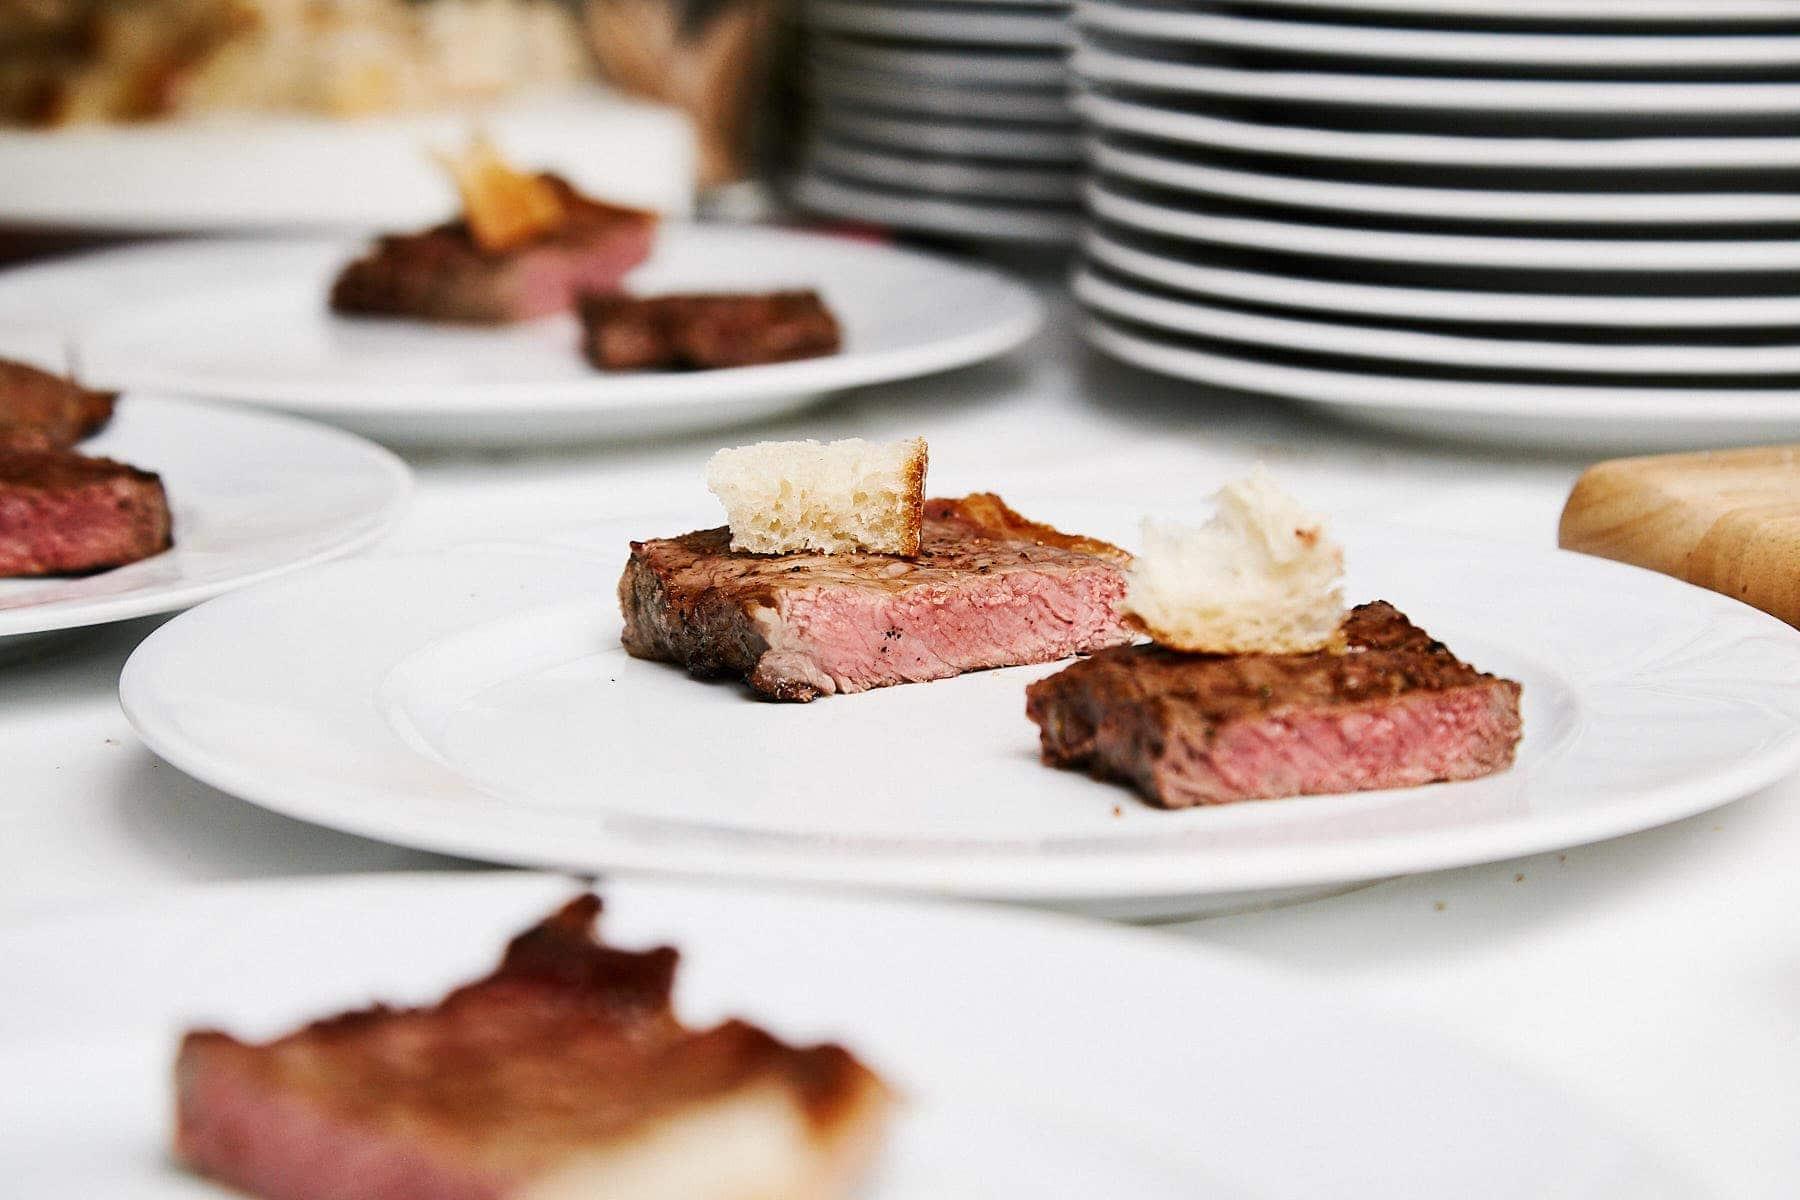 Feinstes Steak angerichtet auf einem Teller beim Steak-Tasting Event der Genussfabrik Trier forografiert von David Kliewer